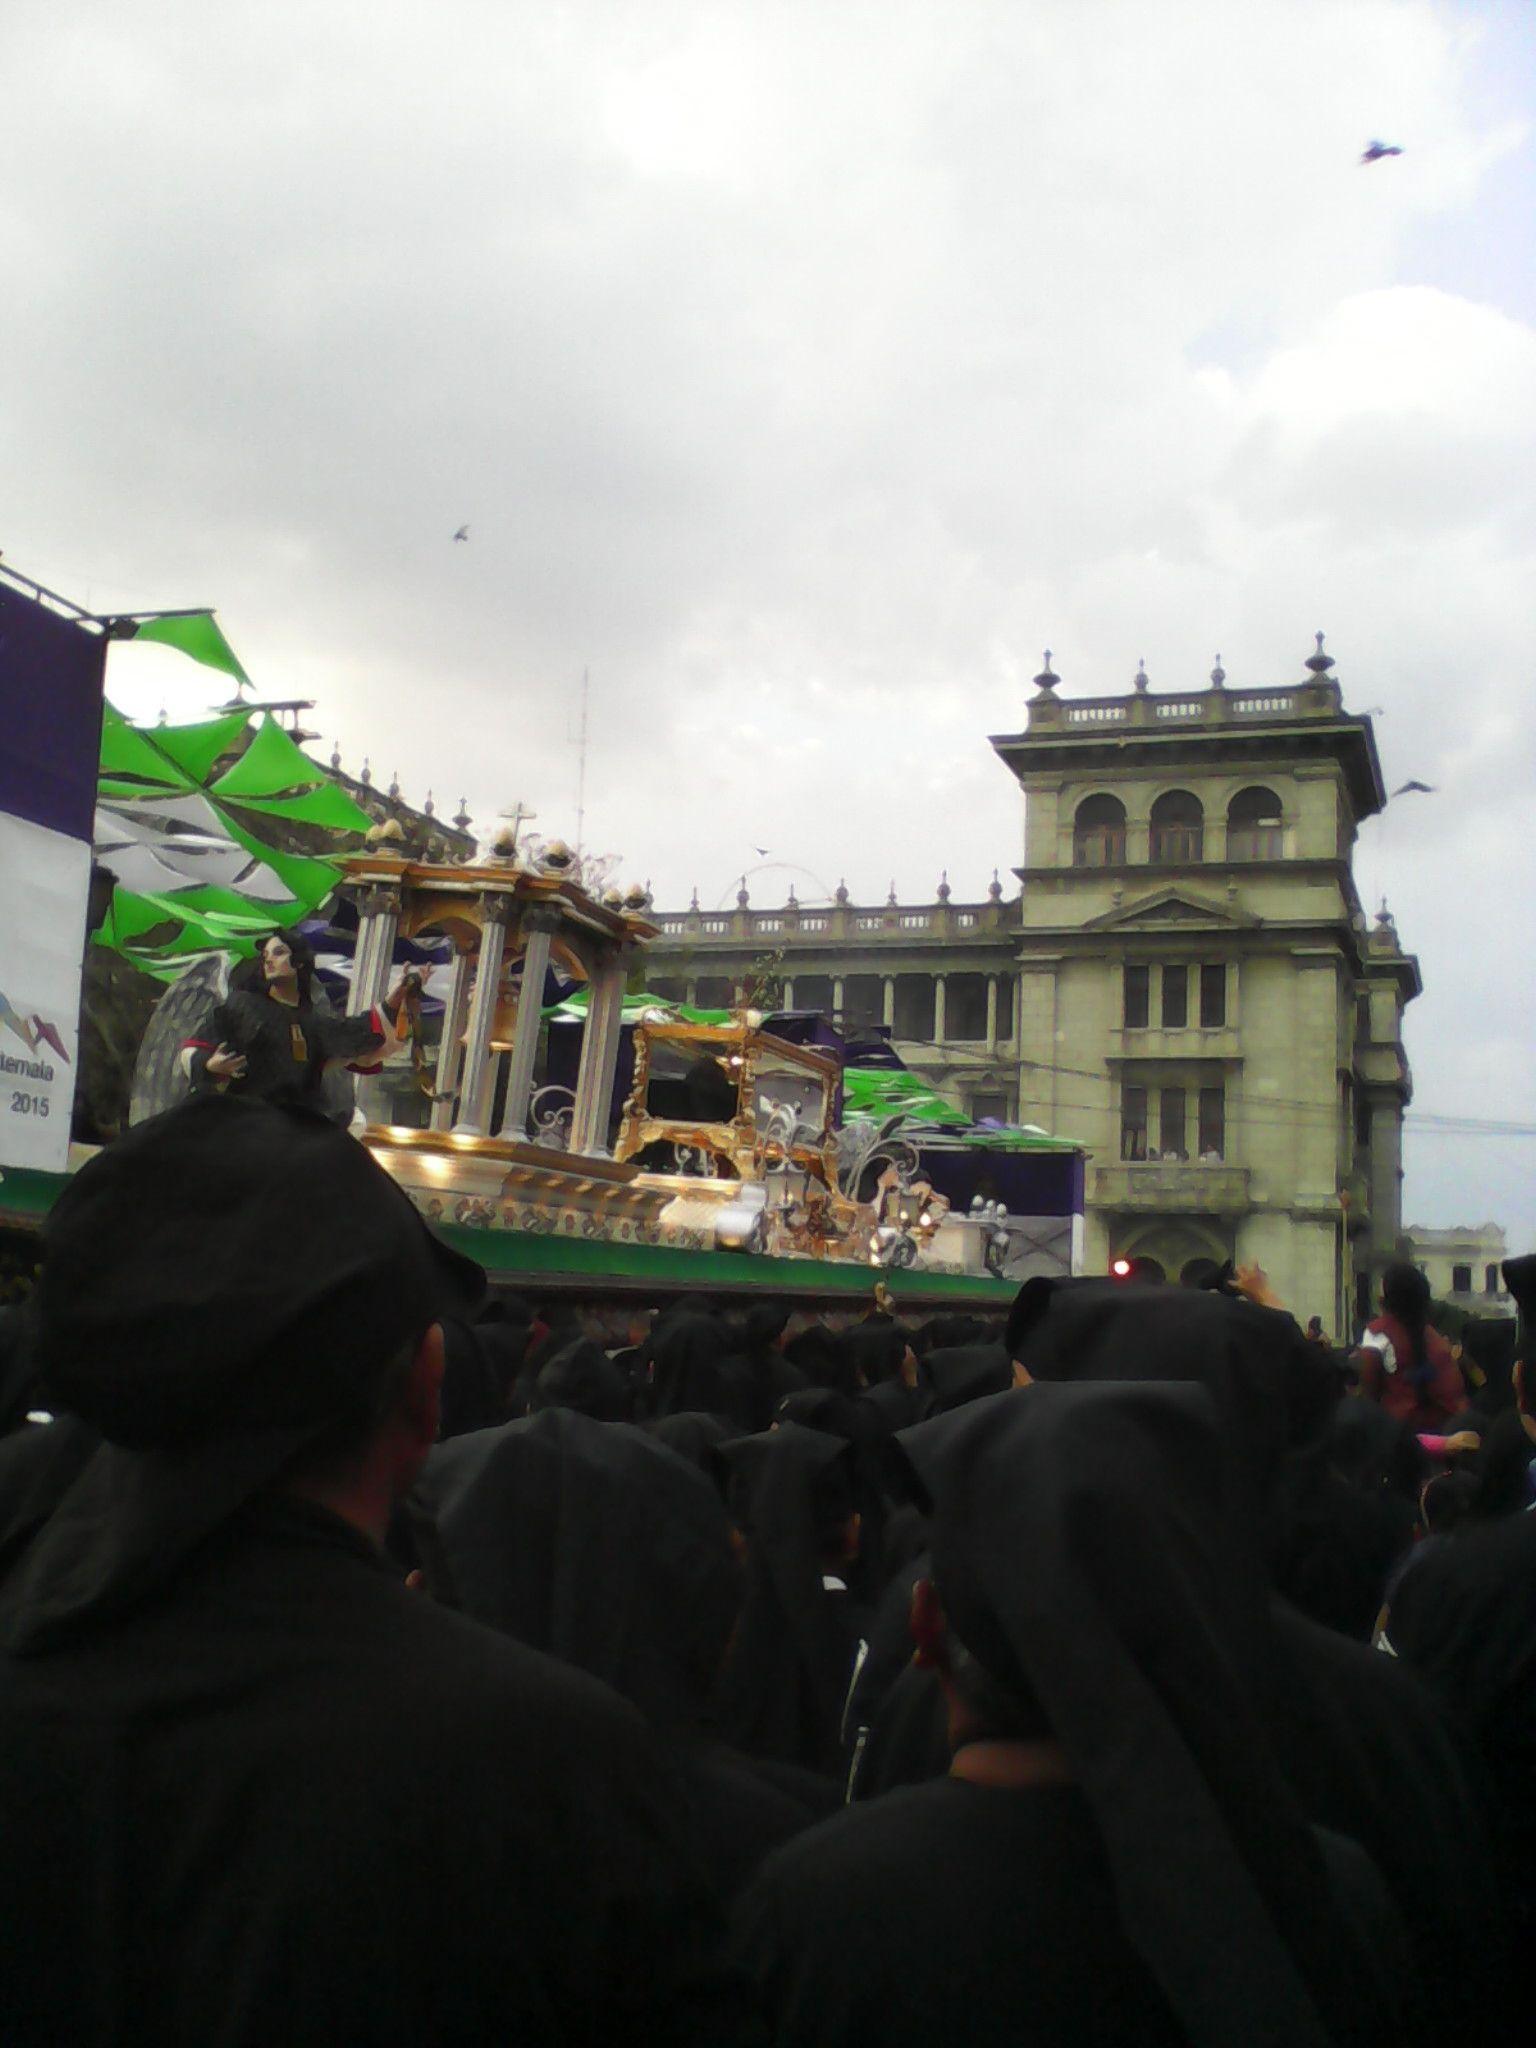 Semana Santa - Procesión Sepultado de Santo Domingo (Guatemala, 2014)